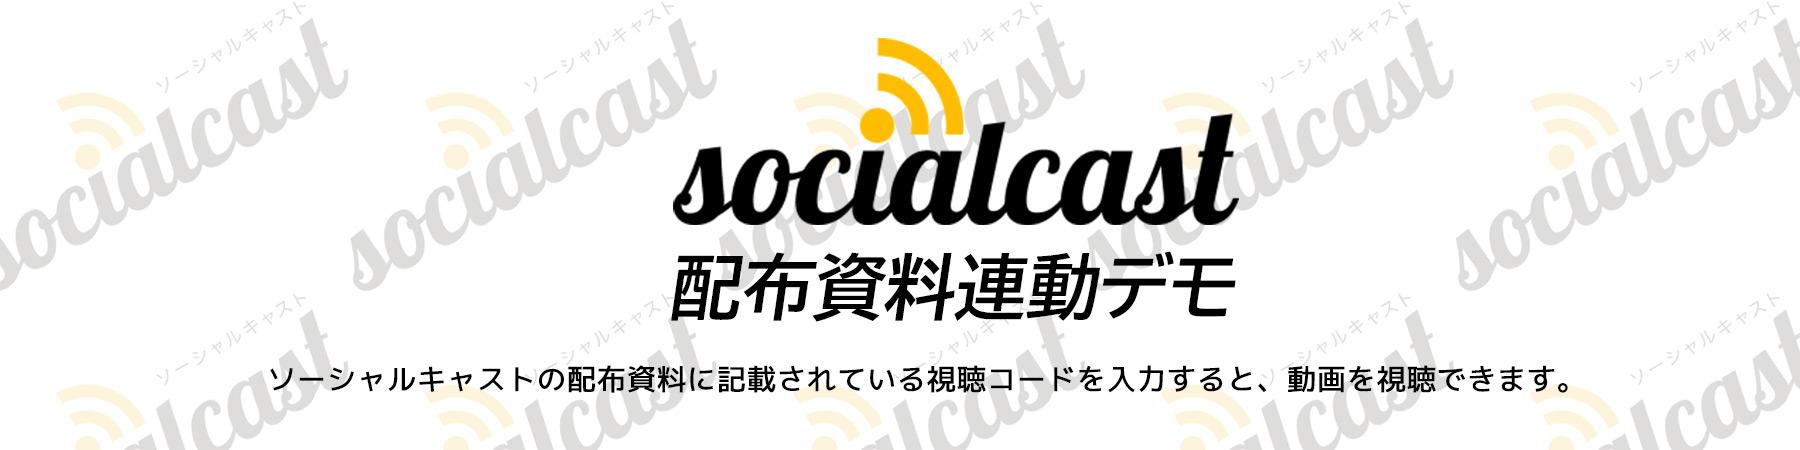 ソーシャルキャスト資料連動デモ